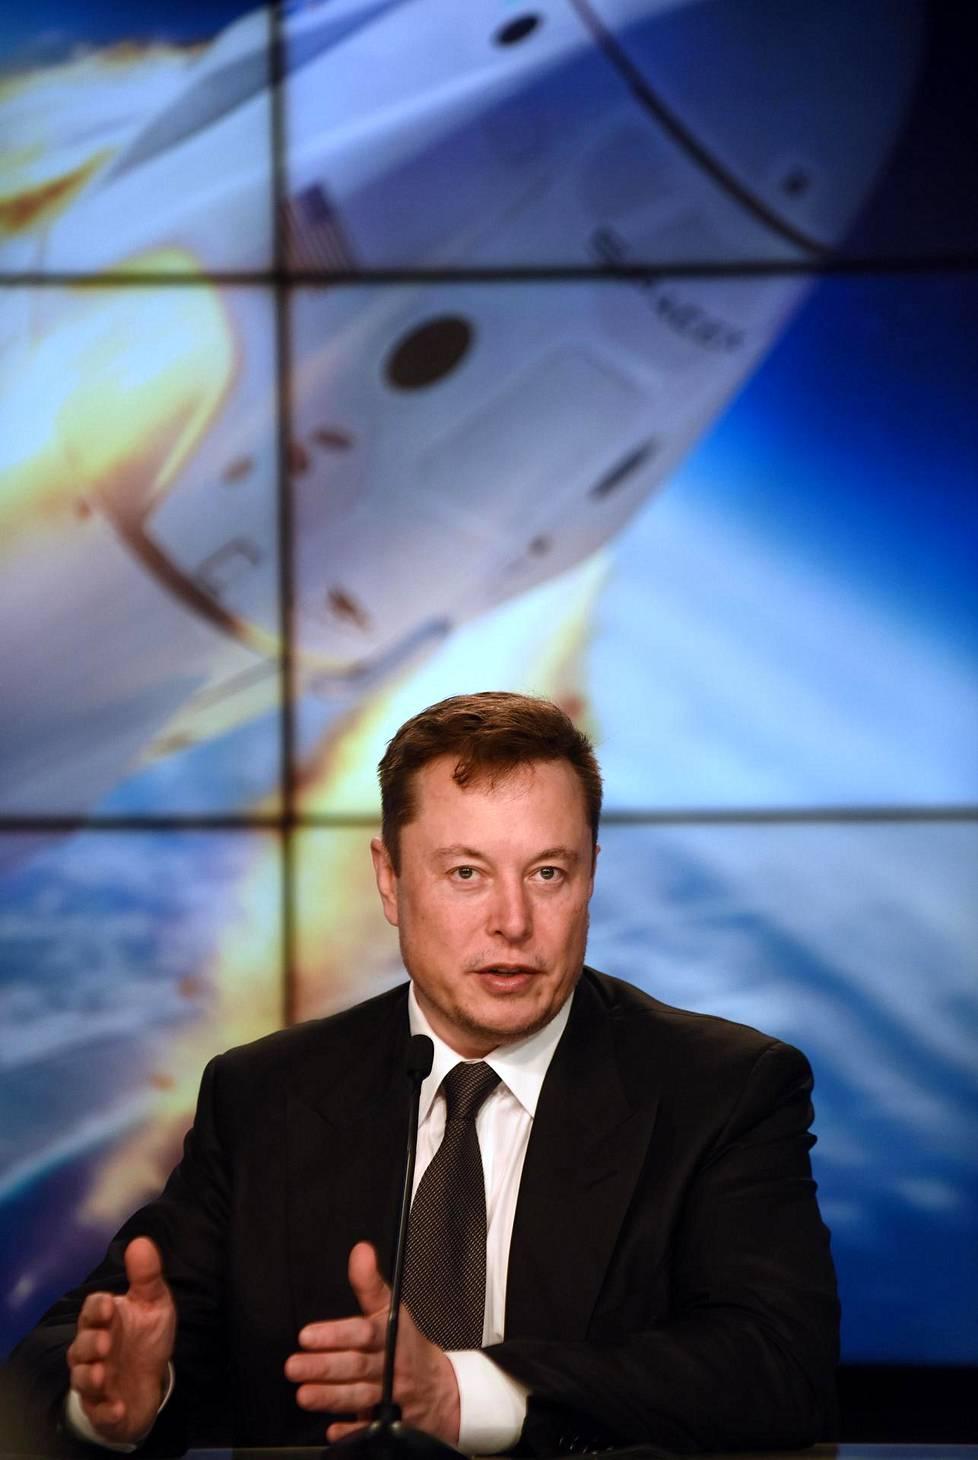 Avaruus, tarkemmin Mars, on ollut pitkään Muskin kohteena. Kuvassa SpaceX:n toimitusjohtaja Kennedy Space Center -asemalla vuosi sitten tammikuussa.